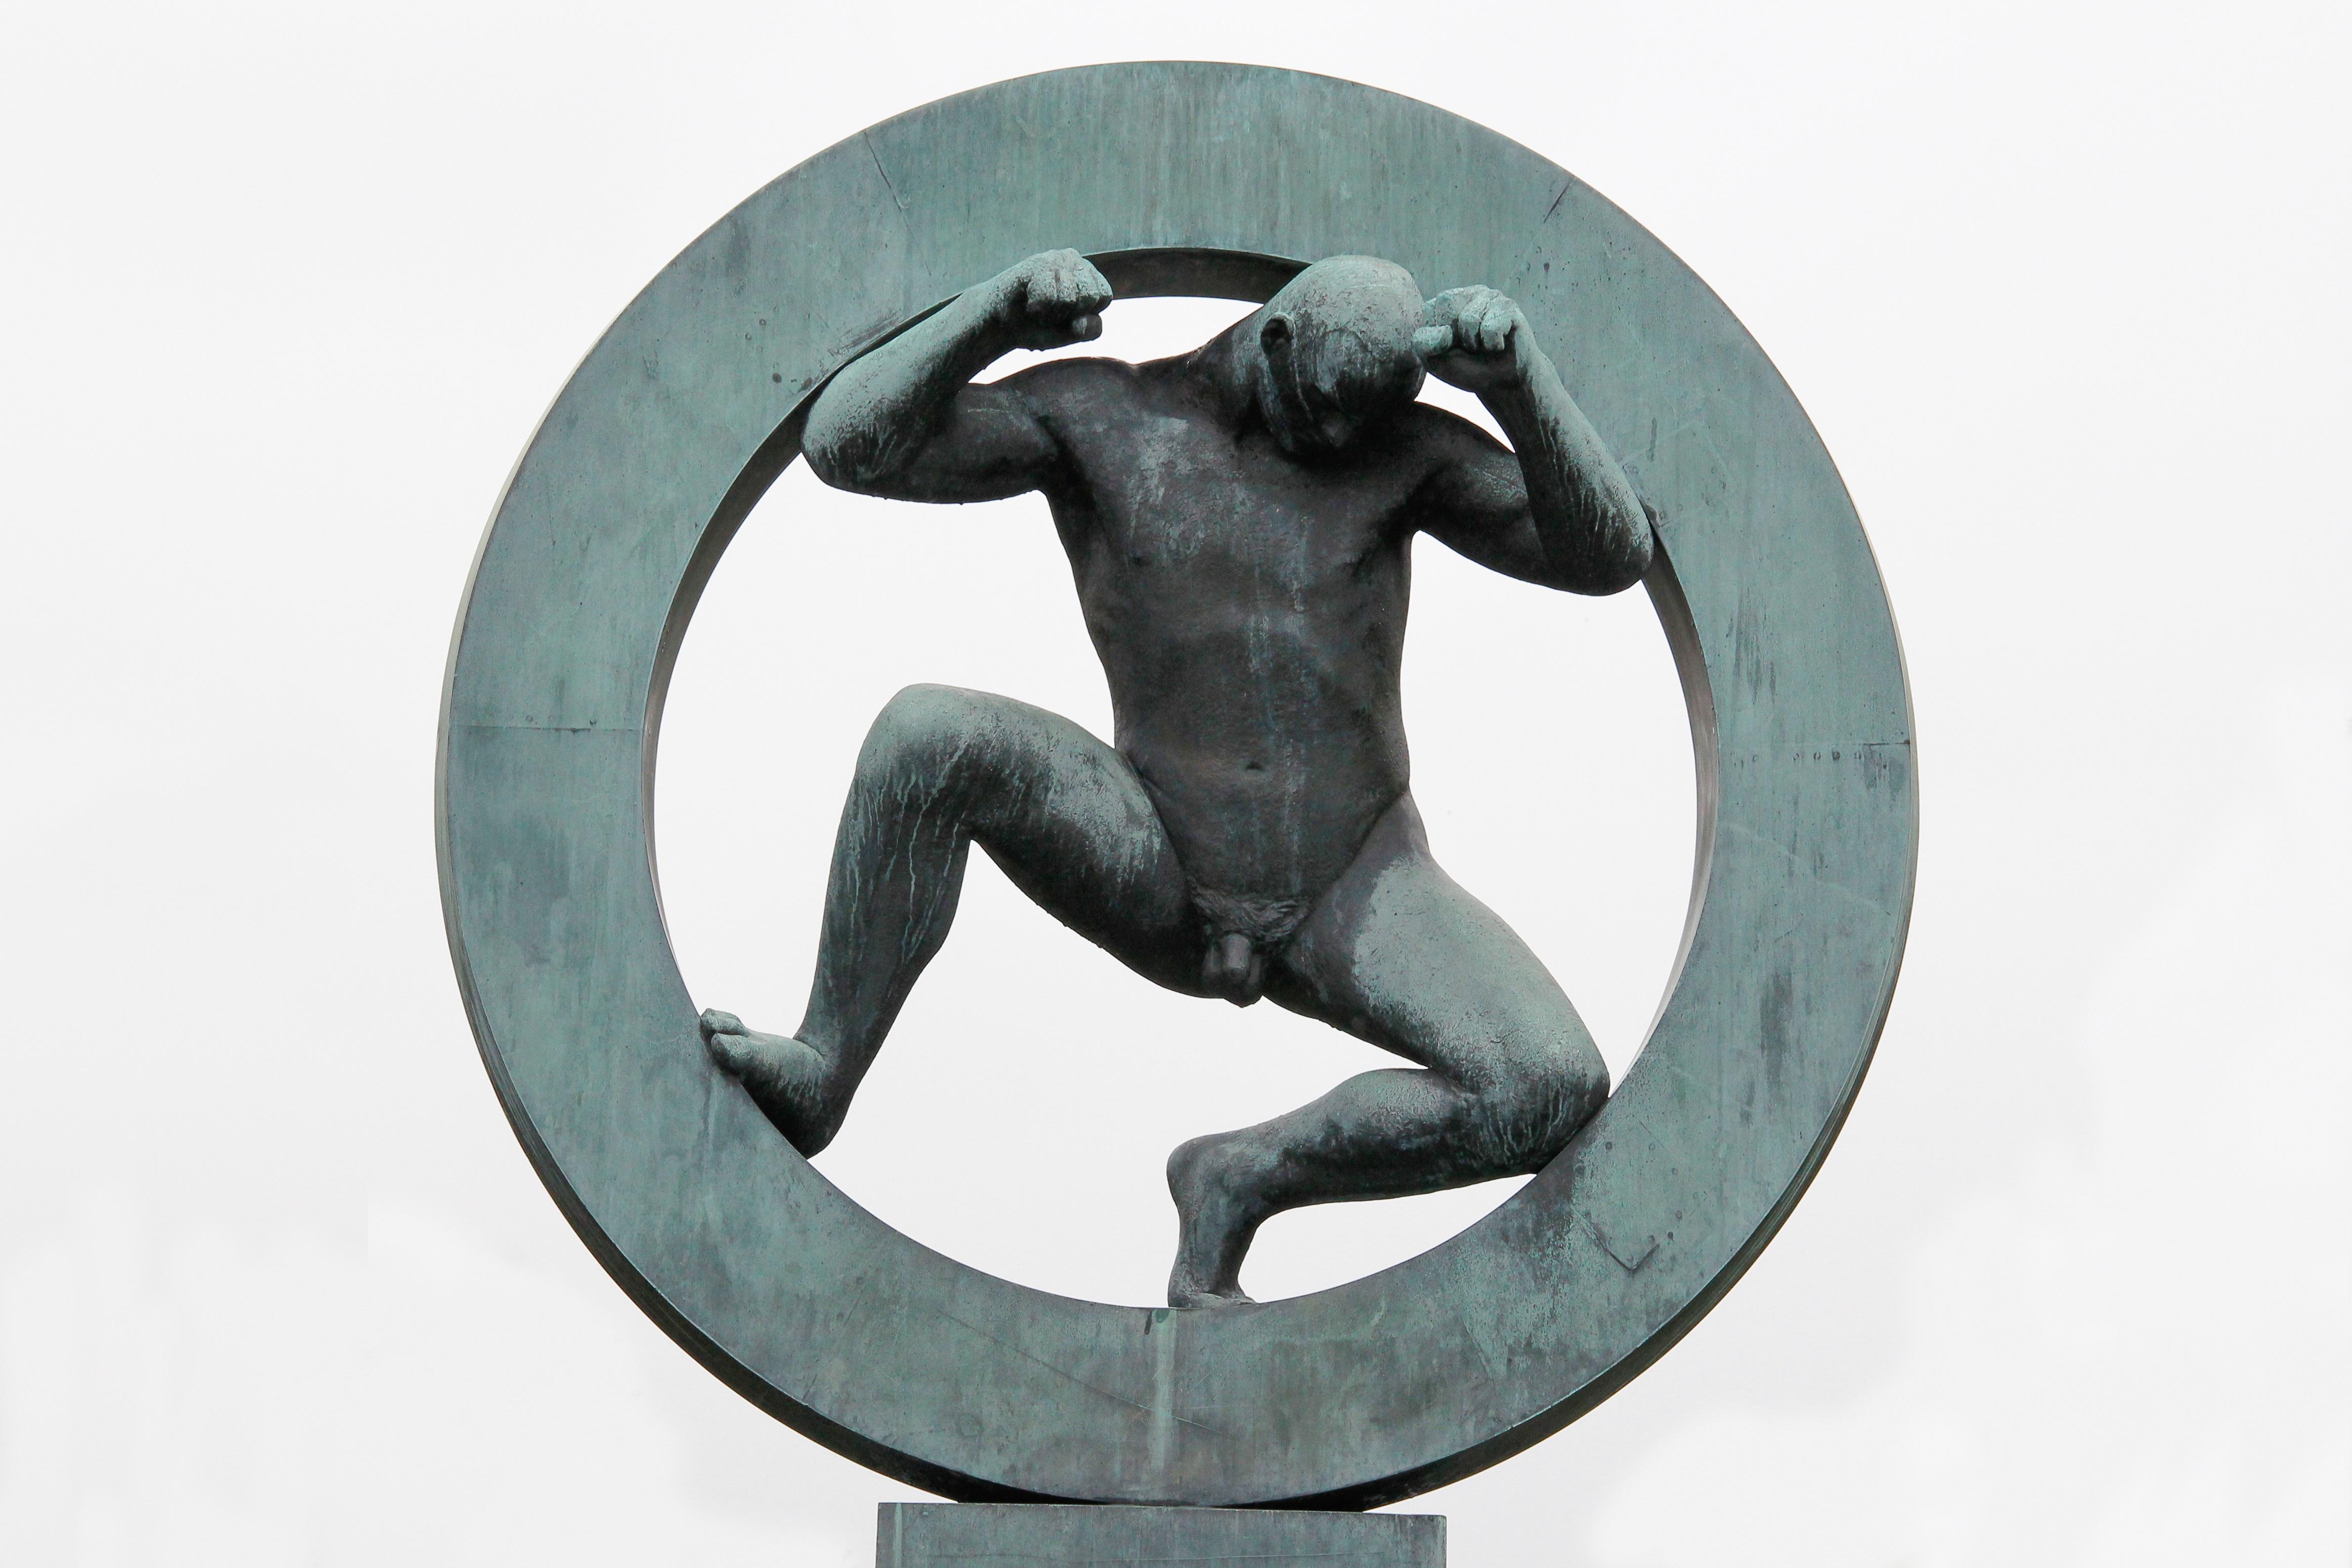 Kostenlose foto : Nummer, Statue, Menschlich, Kreis, Skulptur, Kunst ...